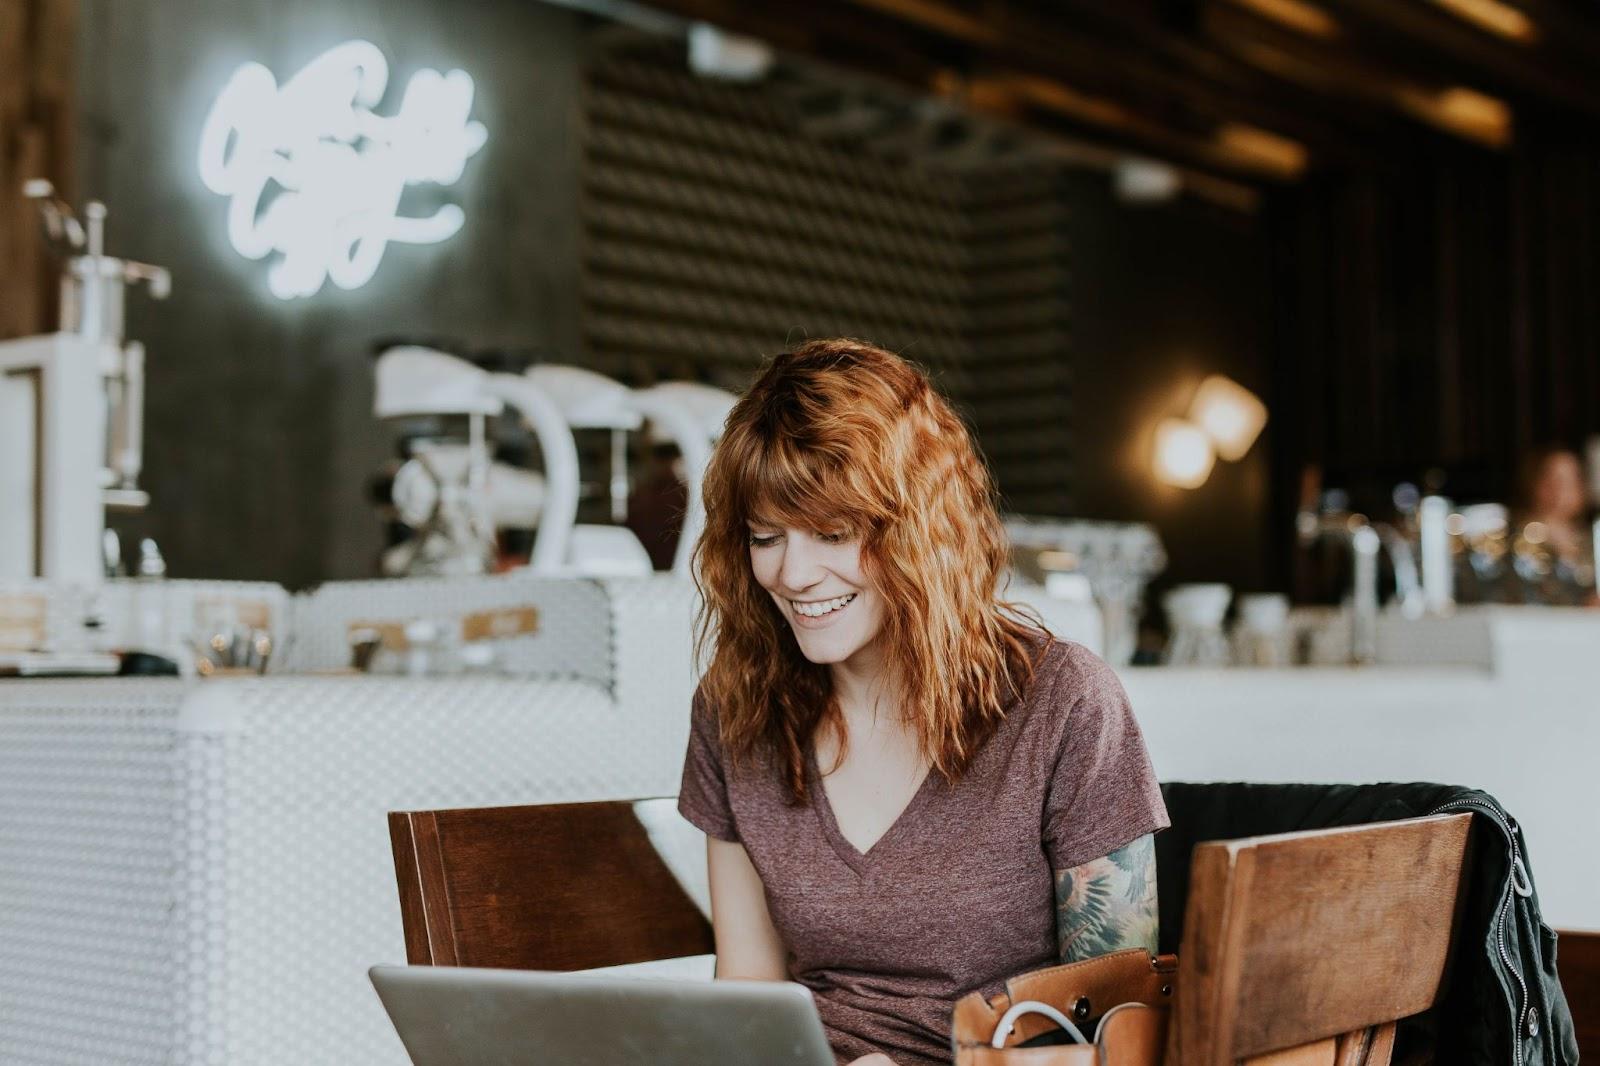 Women working on web